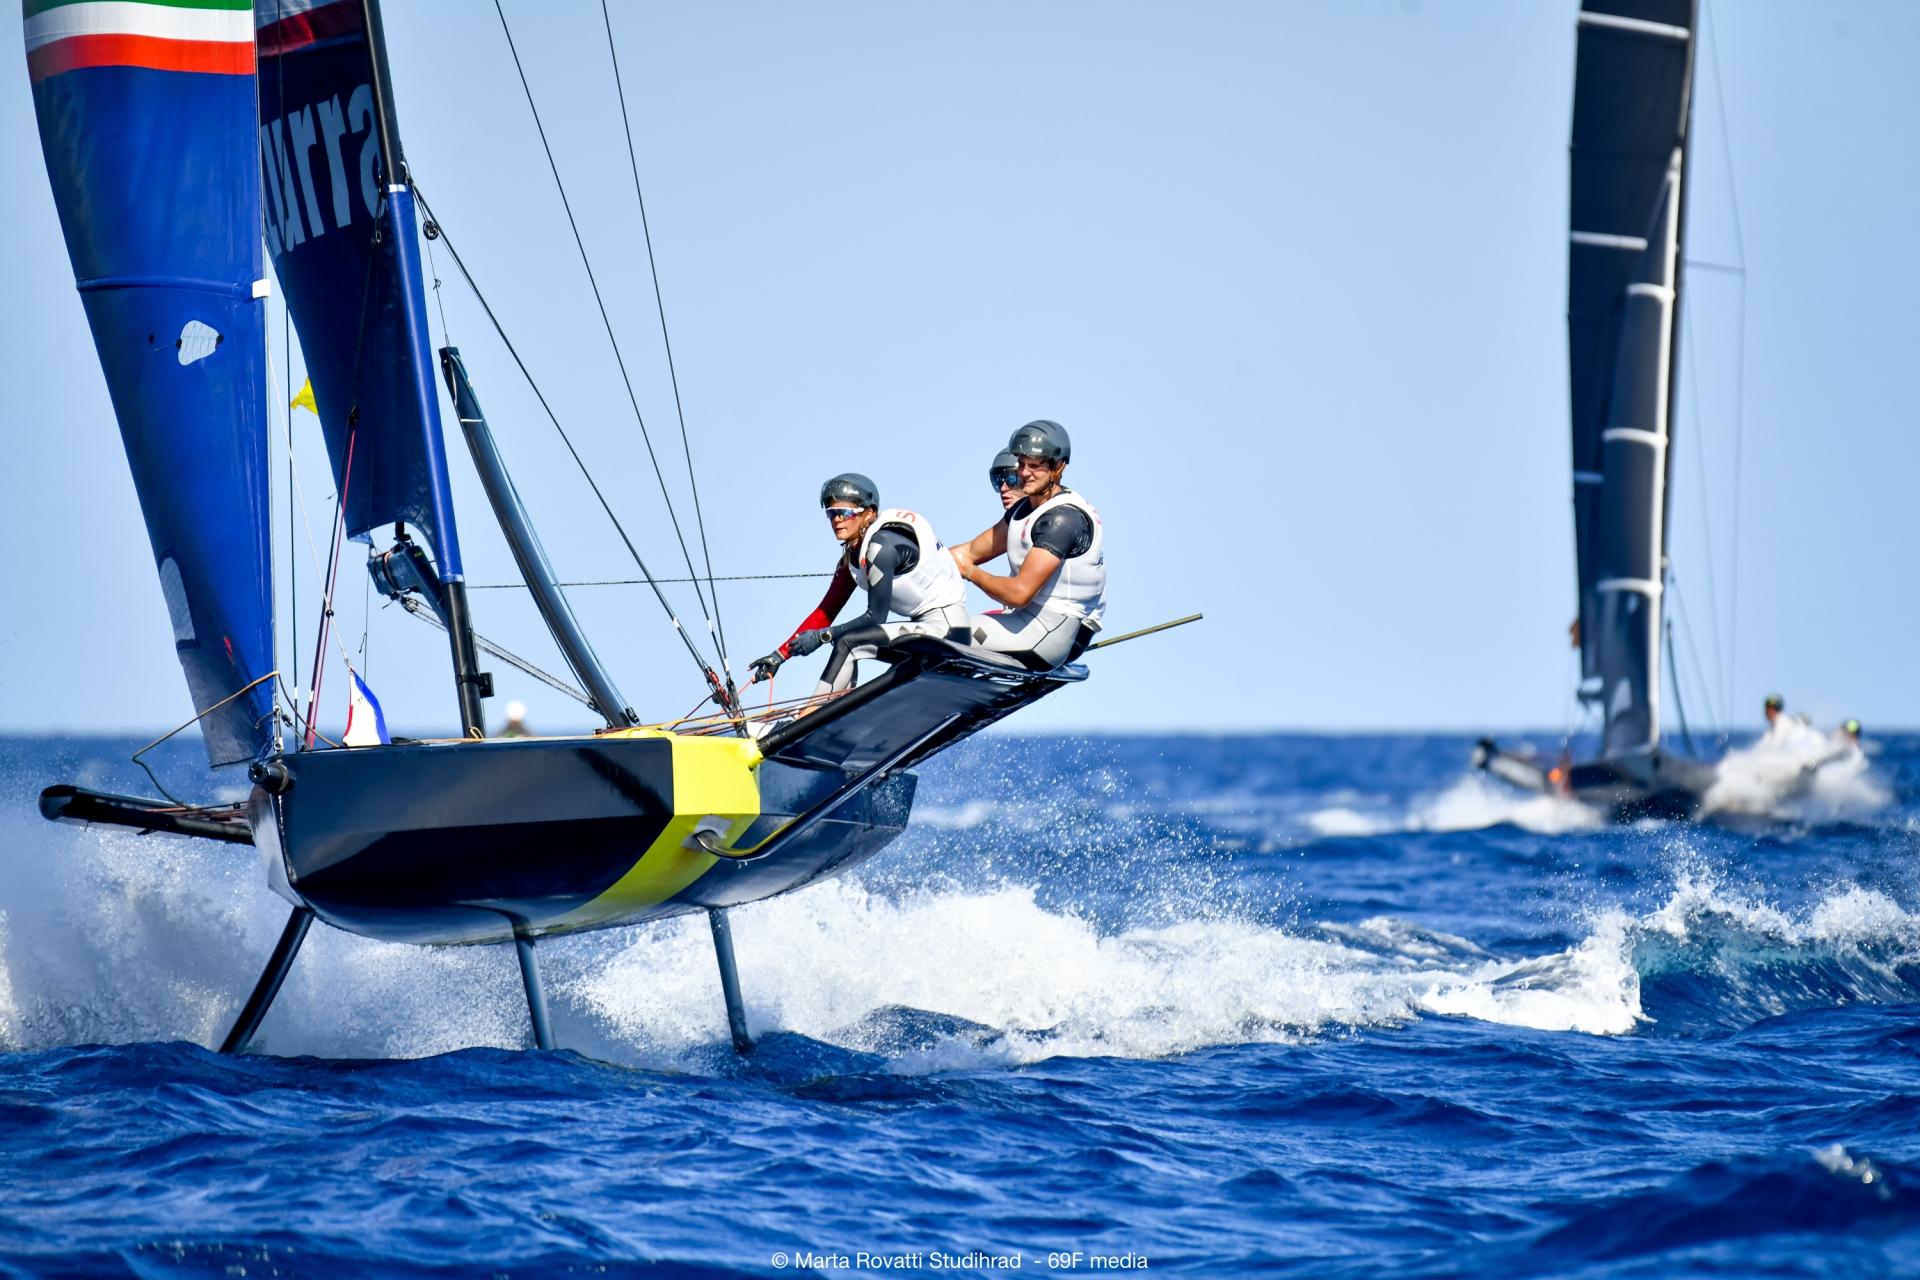 Young Azzurra pronta per la tappa finale della Youth Foiling Gold Cup - NEWS - Yacht Club Costa Smeralda